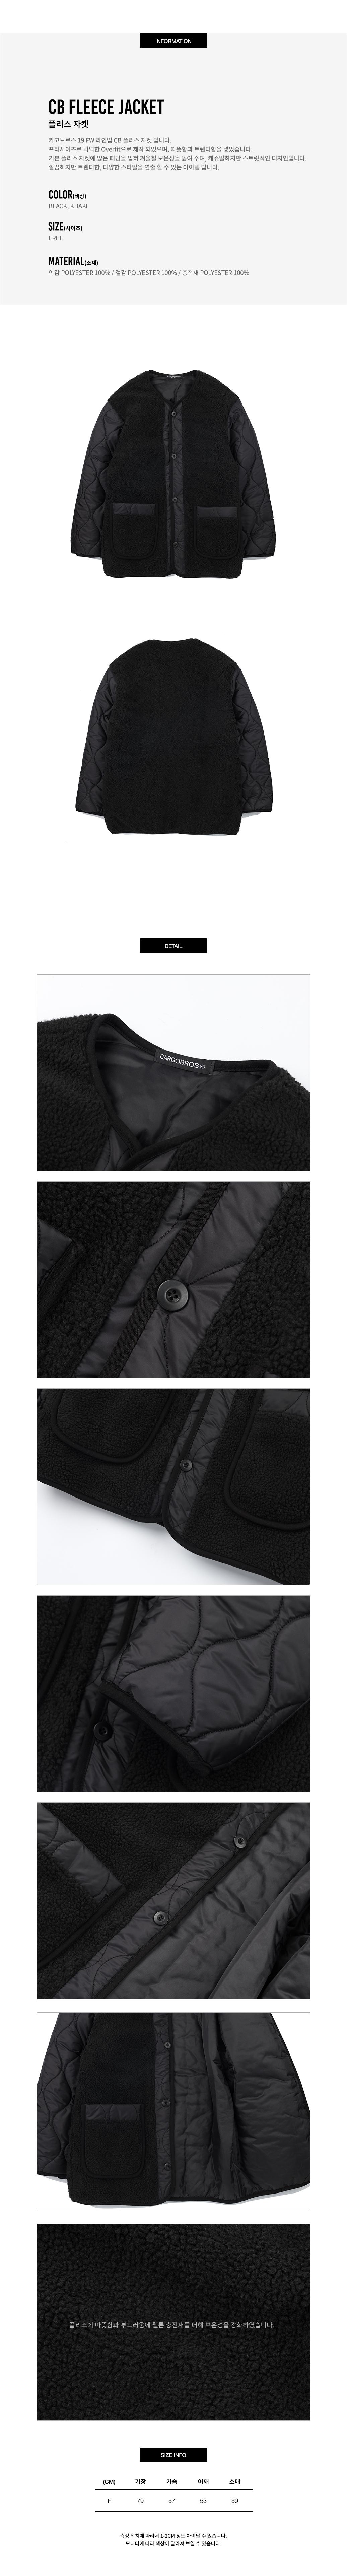 CB192601_detail.jpg